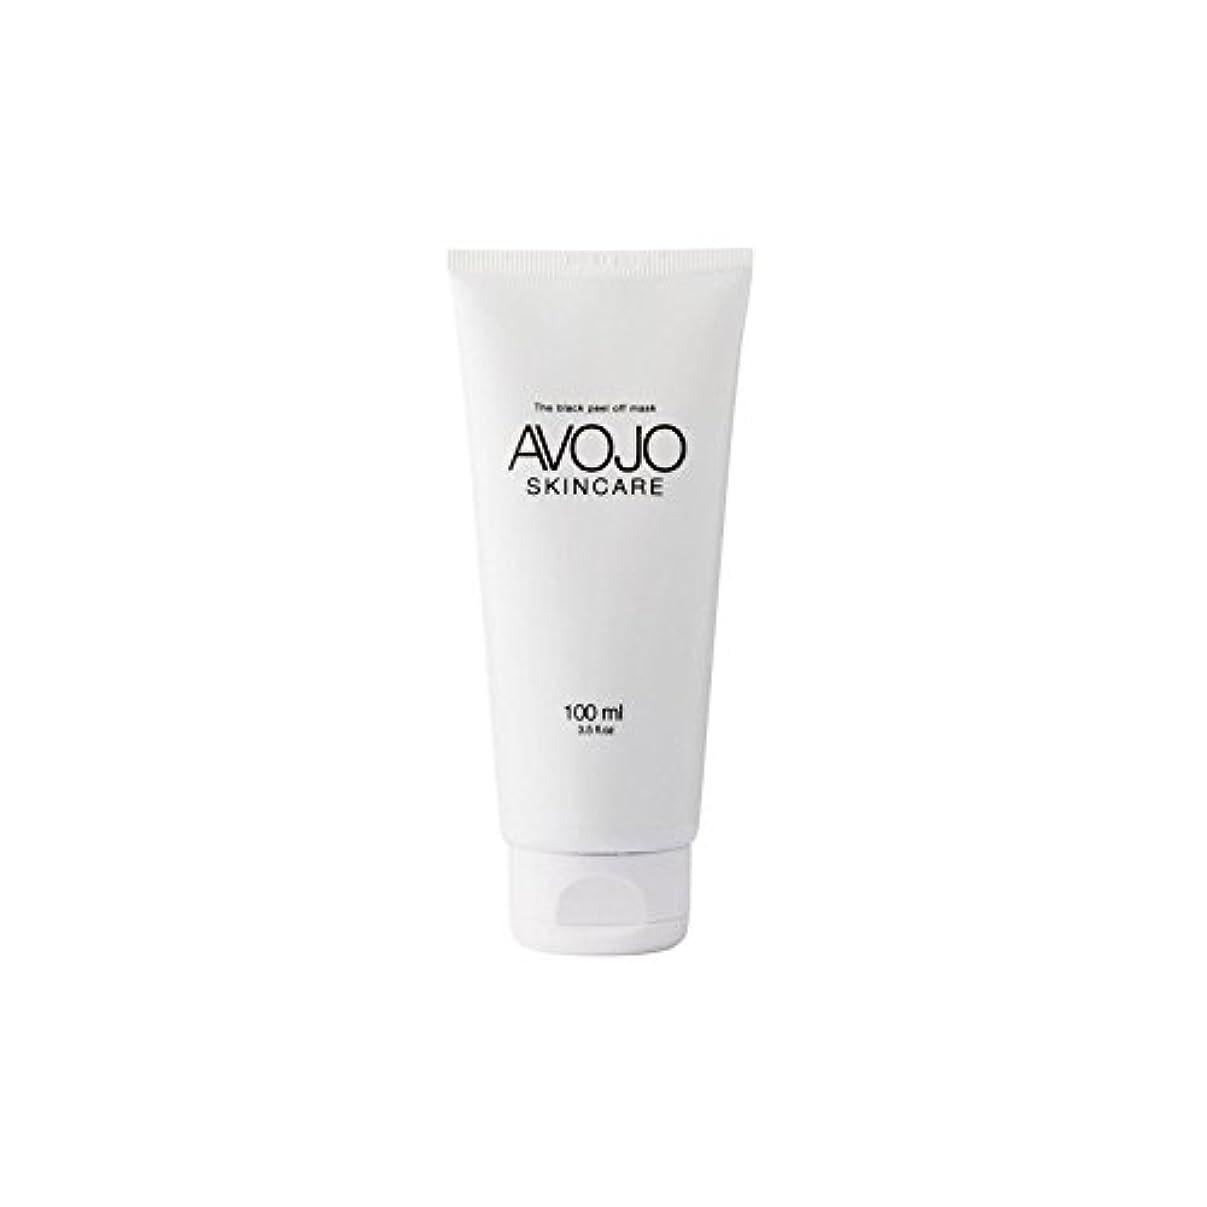 精算マーベルすずめ- 黒皮オフマスク - (ボトル100ミリリットル) x4 - Avojo - The Black Peel Off Mask - (Bottle 100ml) (Pack of 4) [並行輸入品]